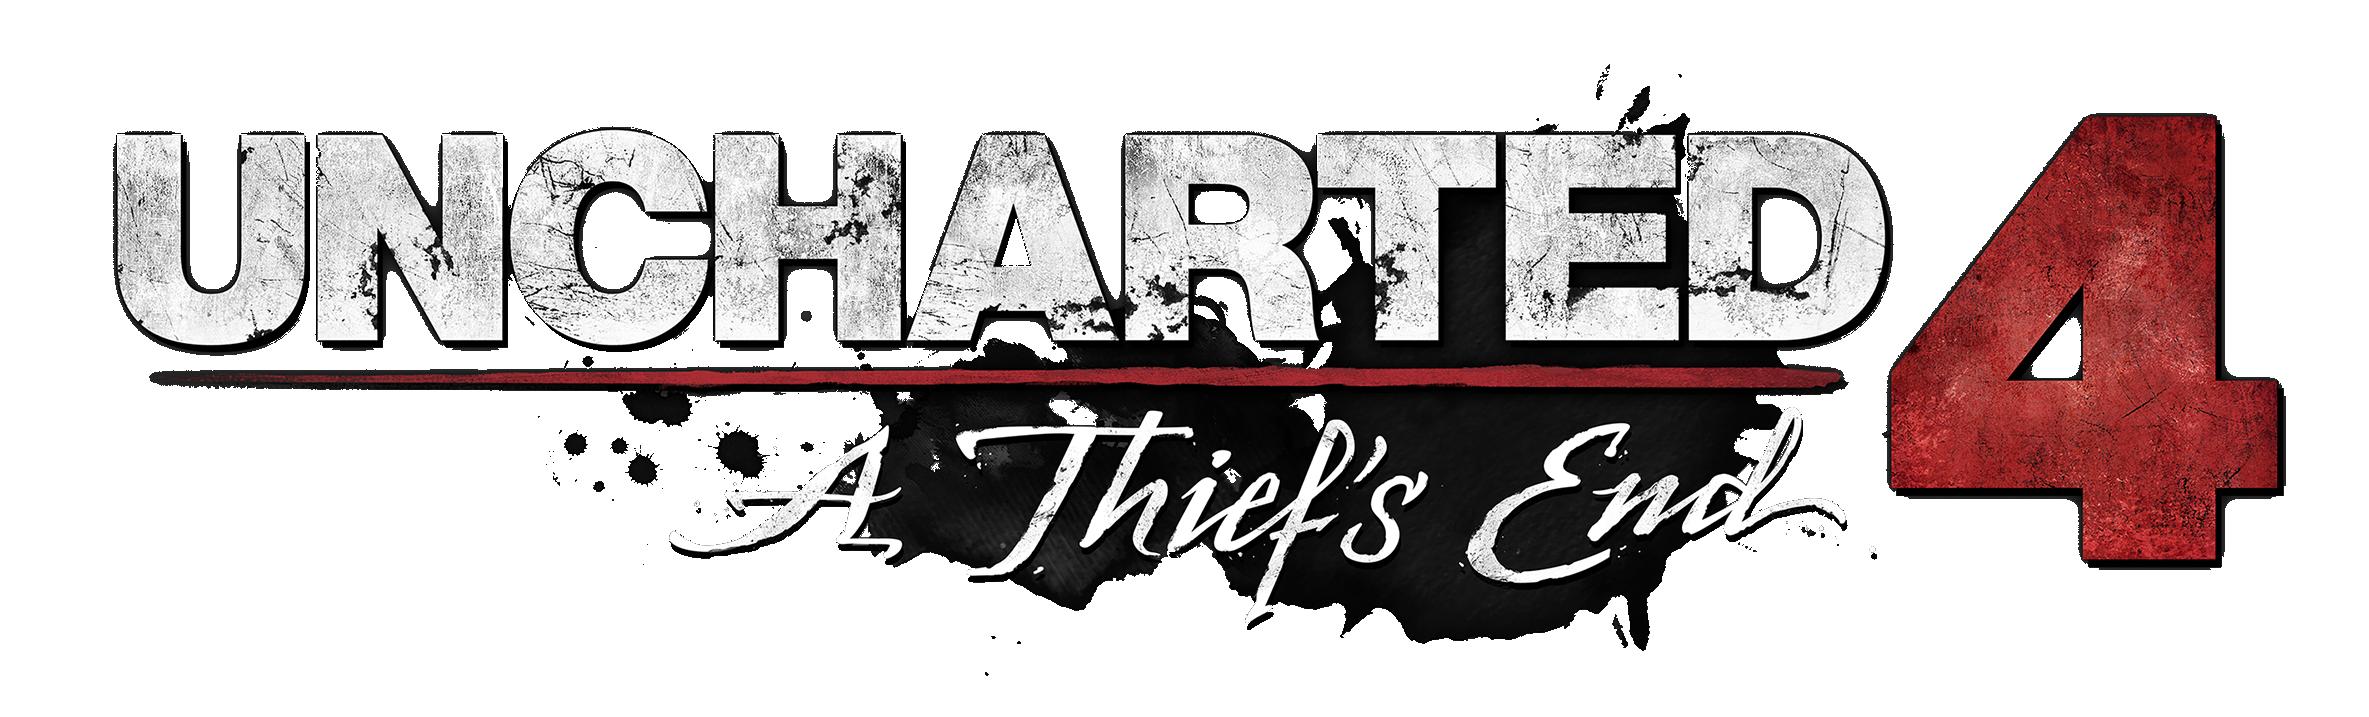 Uncharted 4 - Monkey Bars Maneuvers